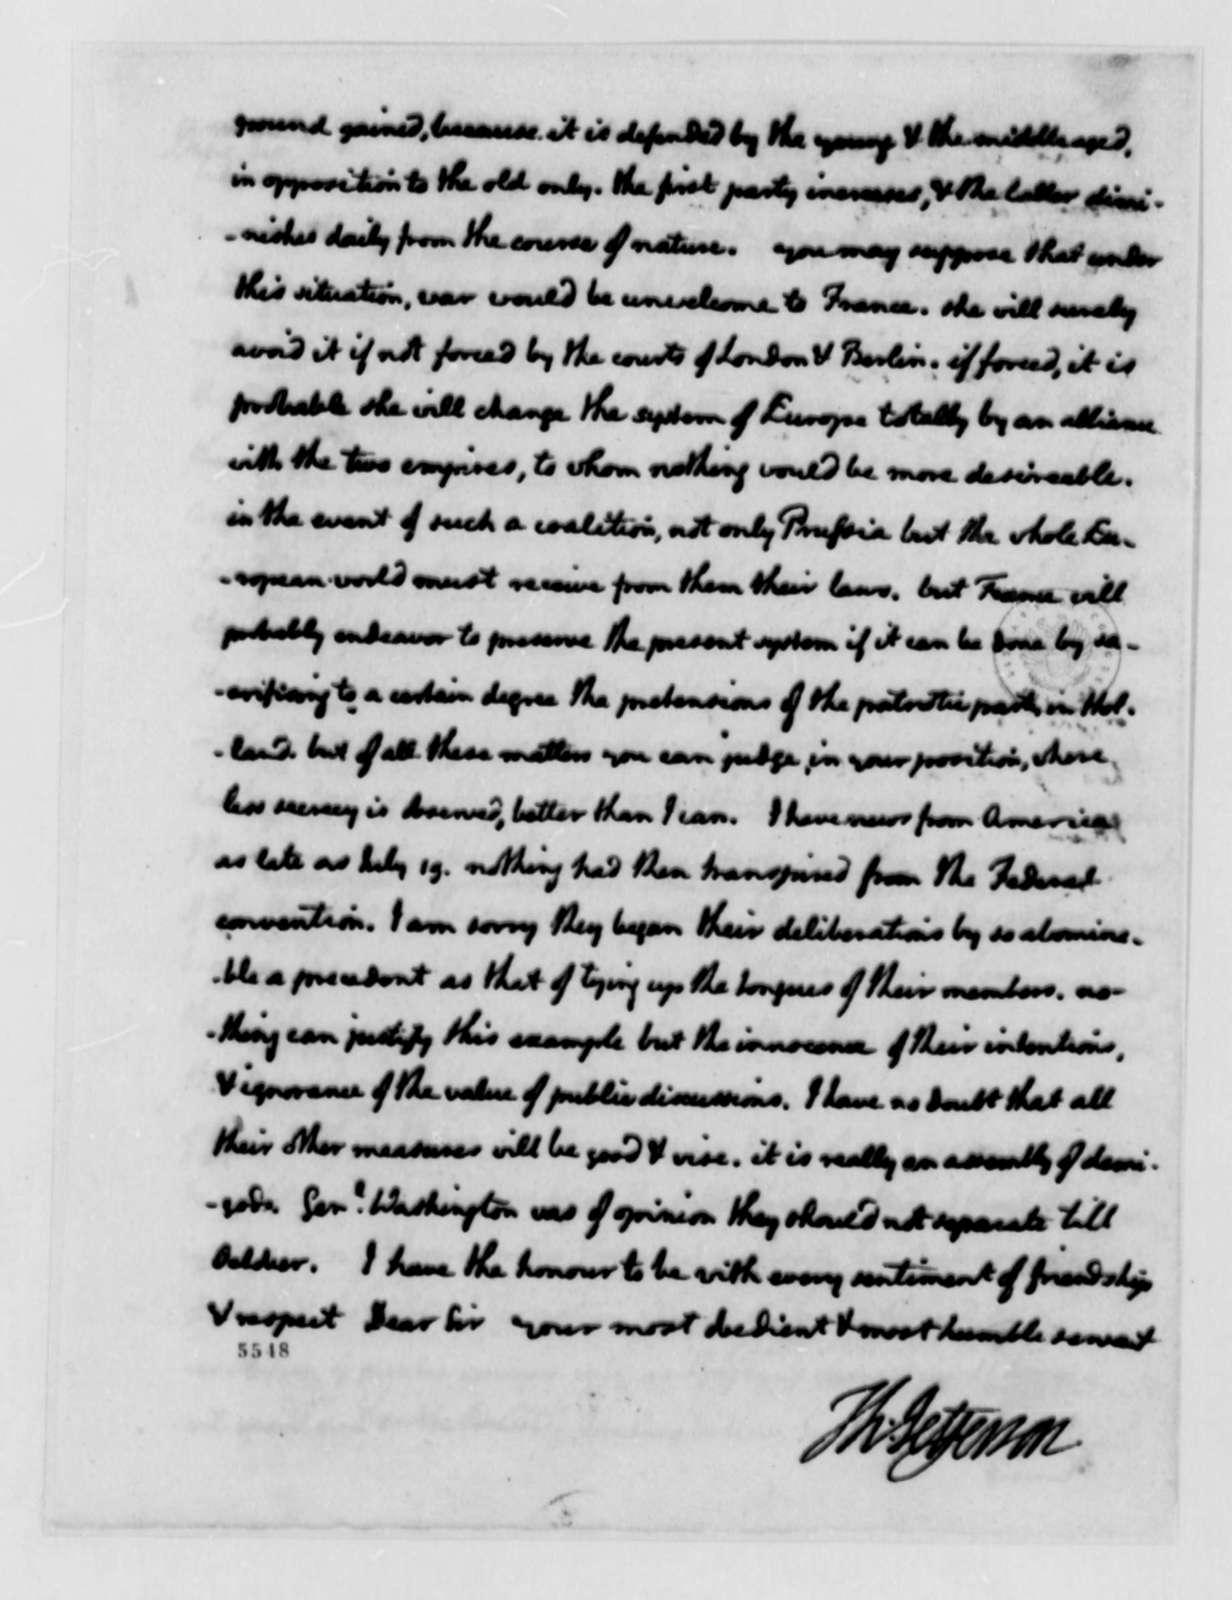 Thomas Jefferson to John Adams, August 30, 1787